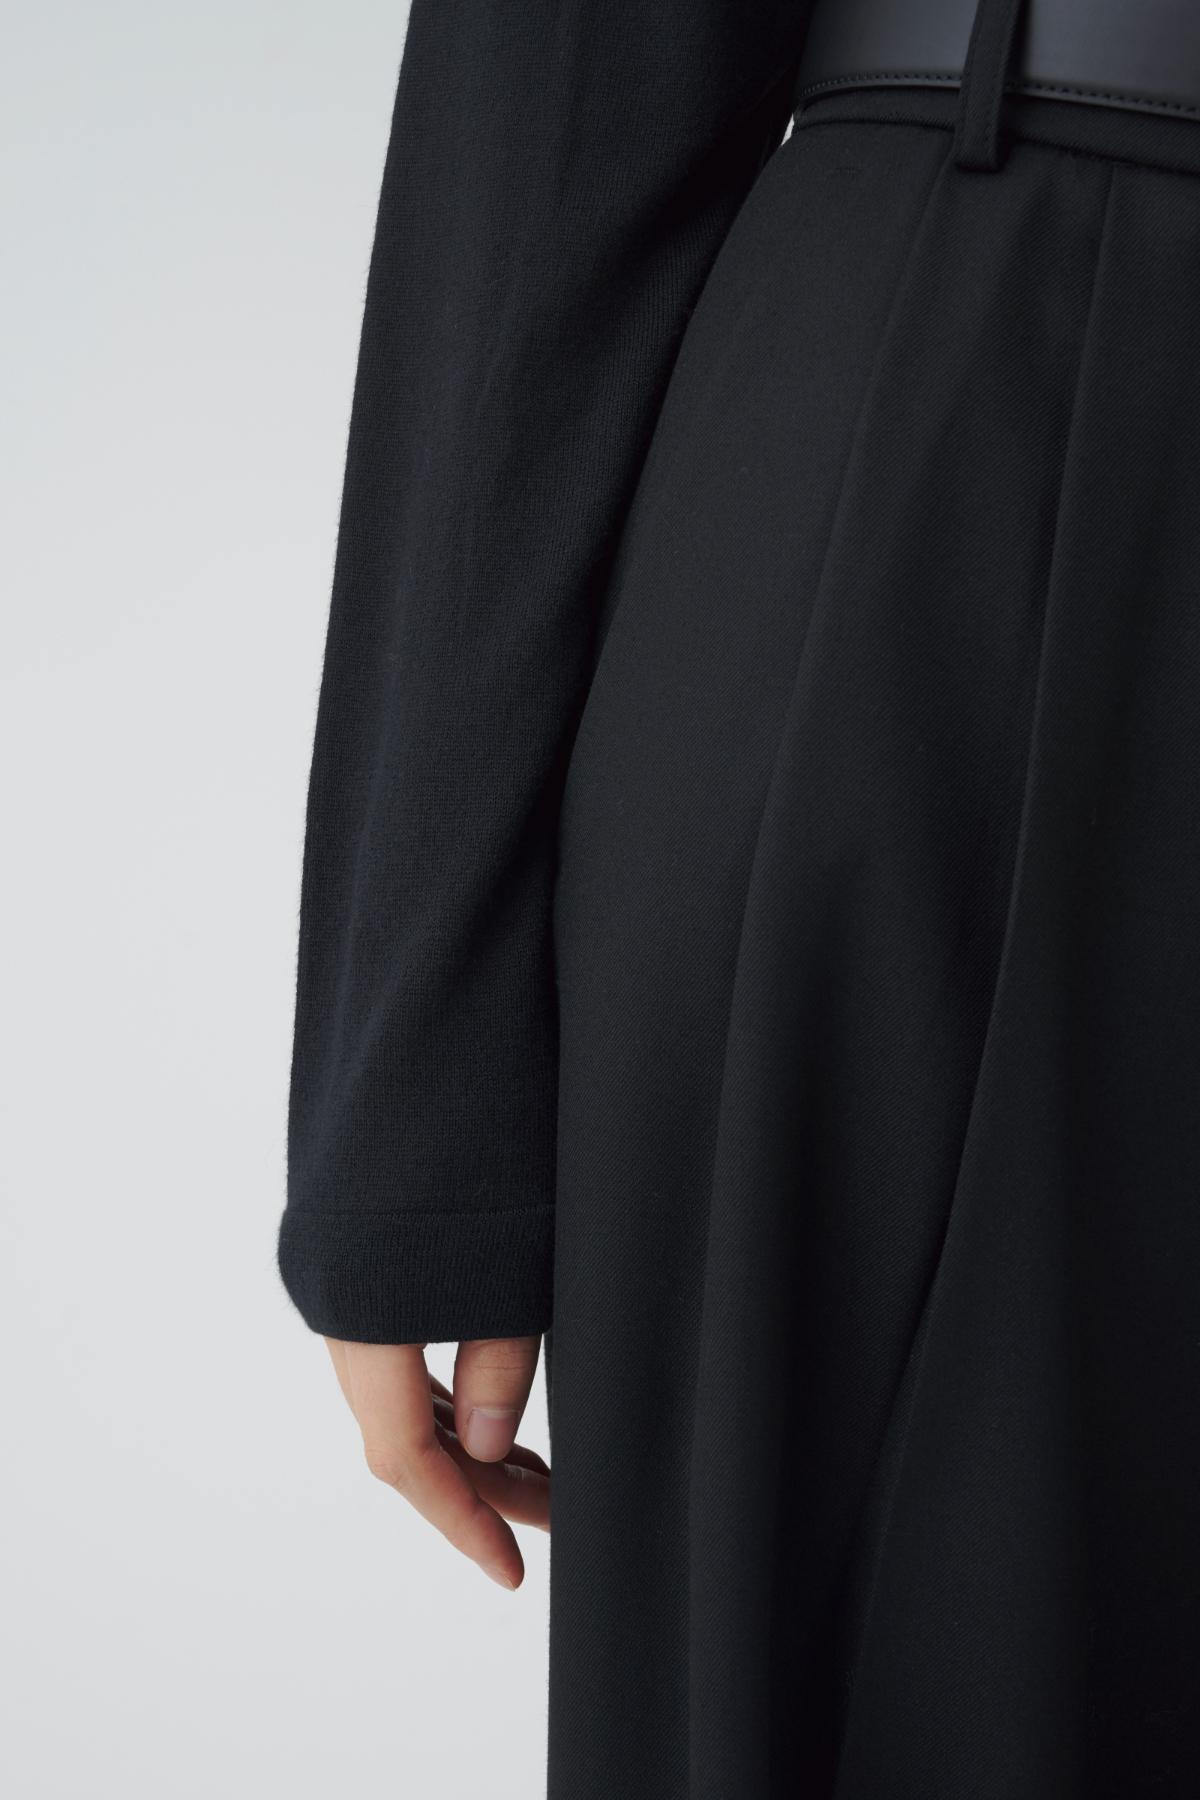 멜빵 스커트/바지 모델 착용 이미지-S1L37